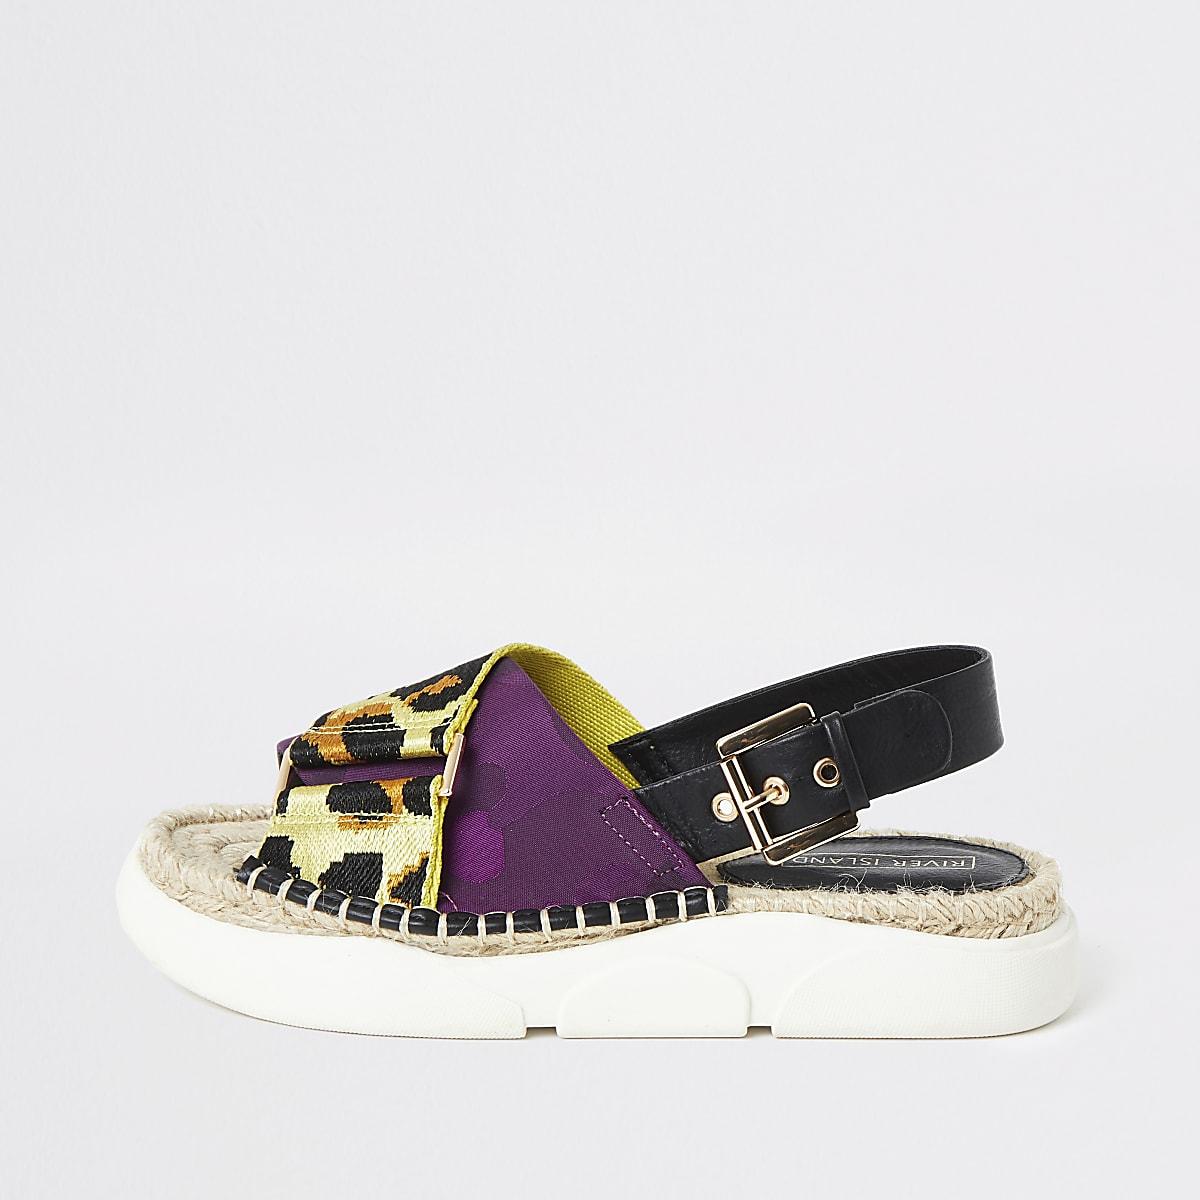 Gele flatform slippers met print en dikke zool